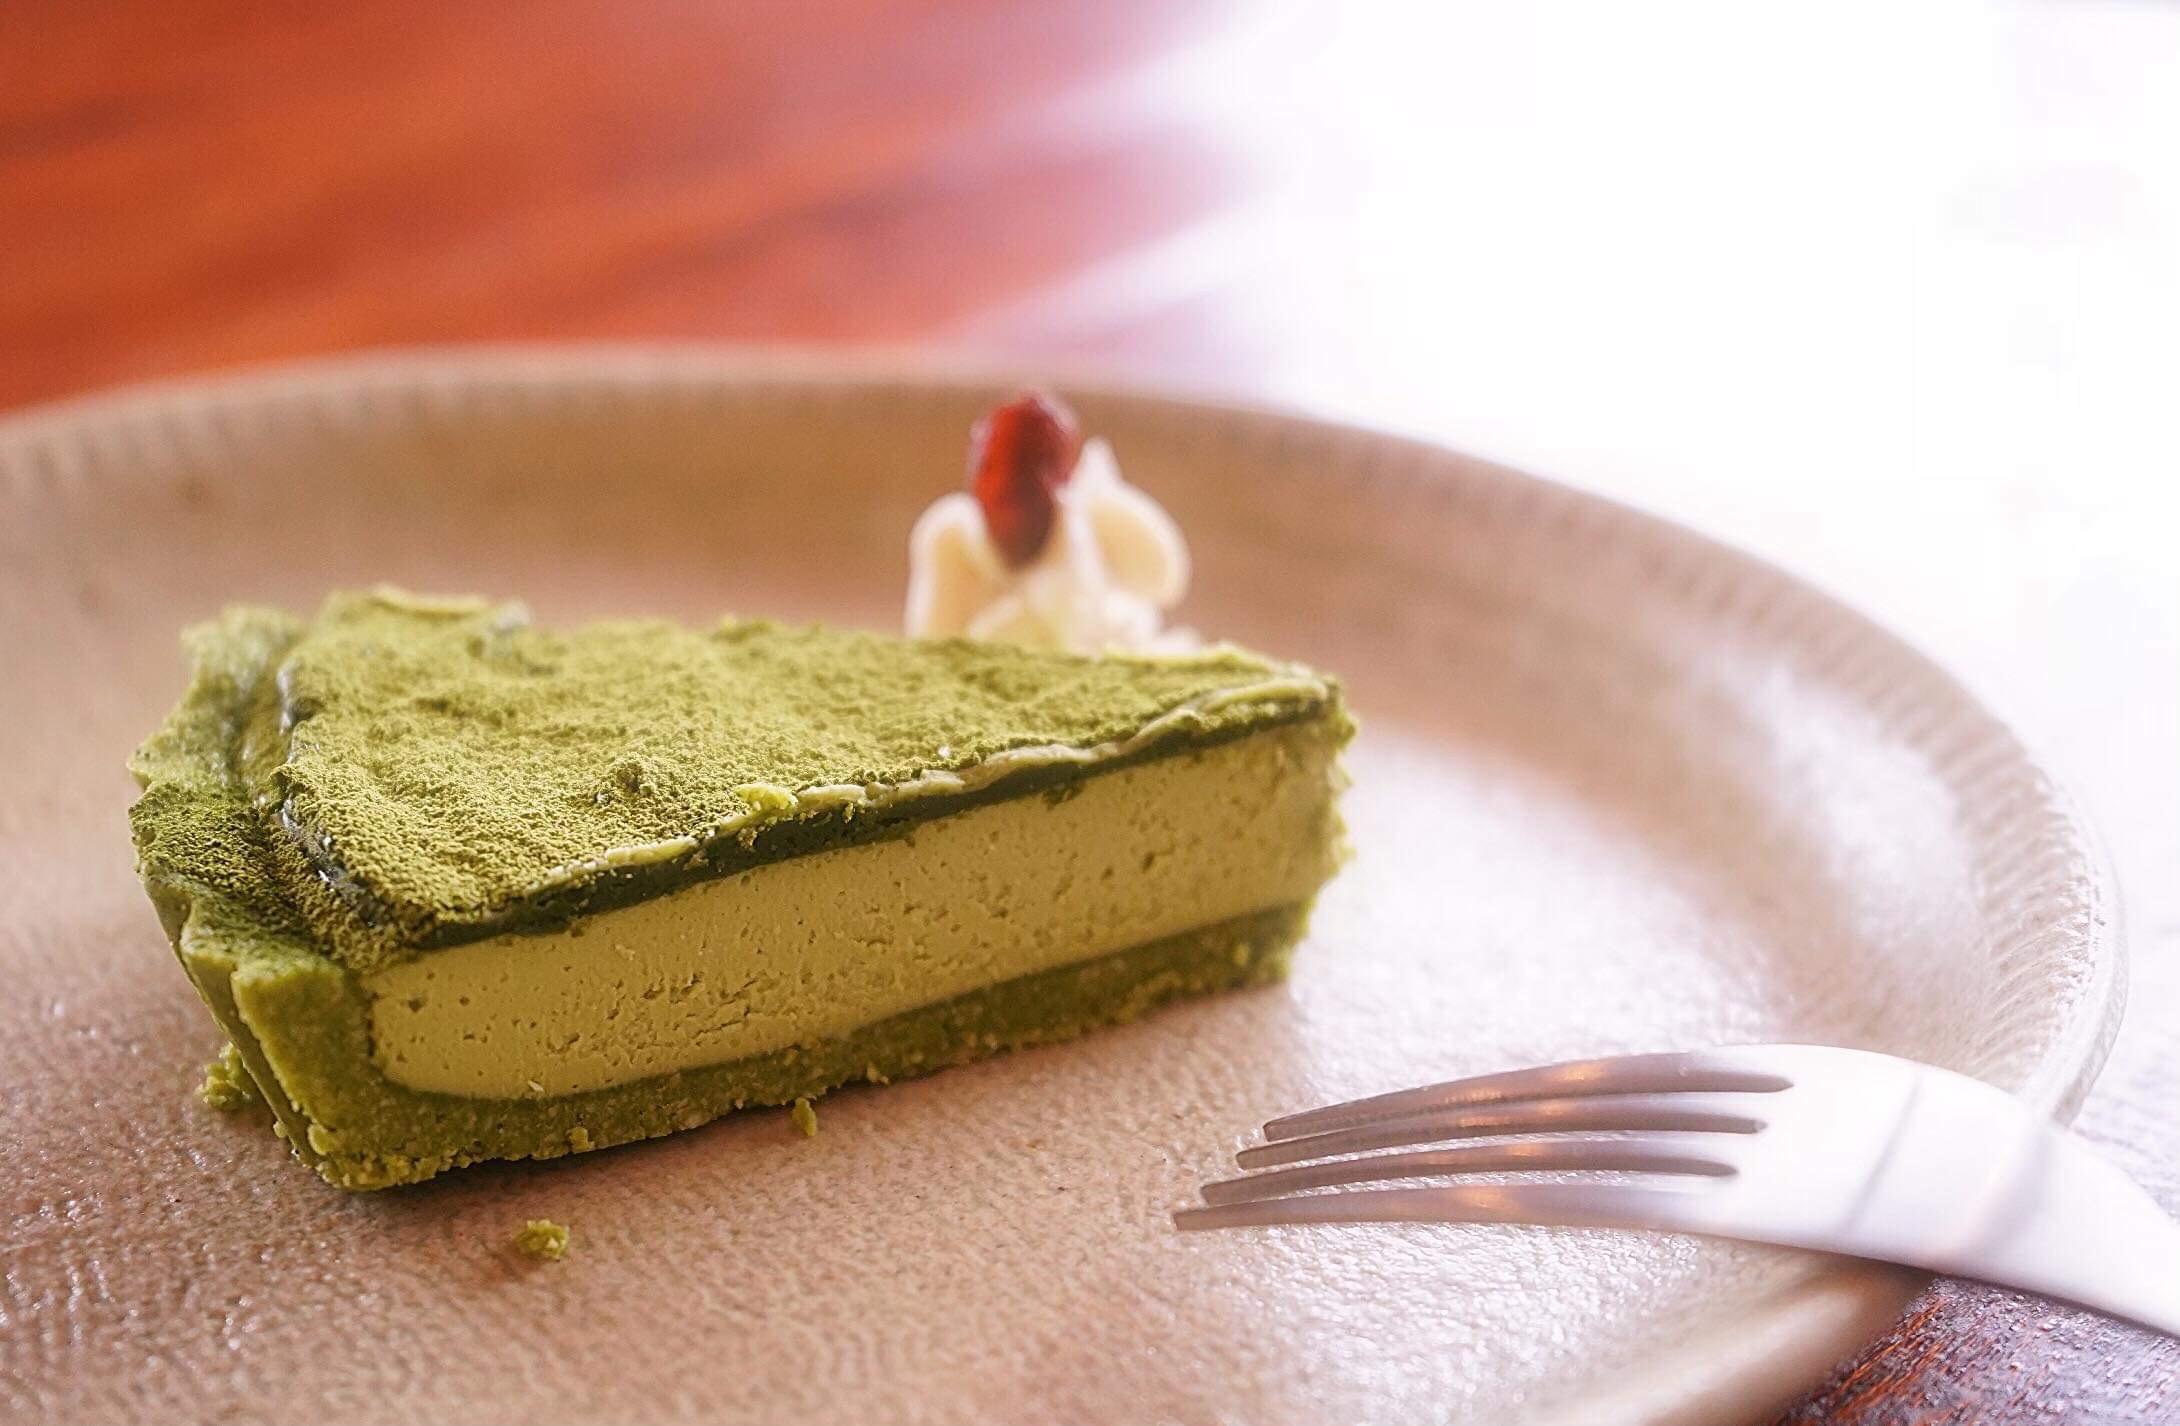 【満席】秋の滋養ごはんと抹茶ローケーキの会